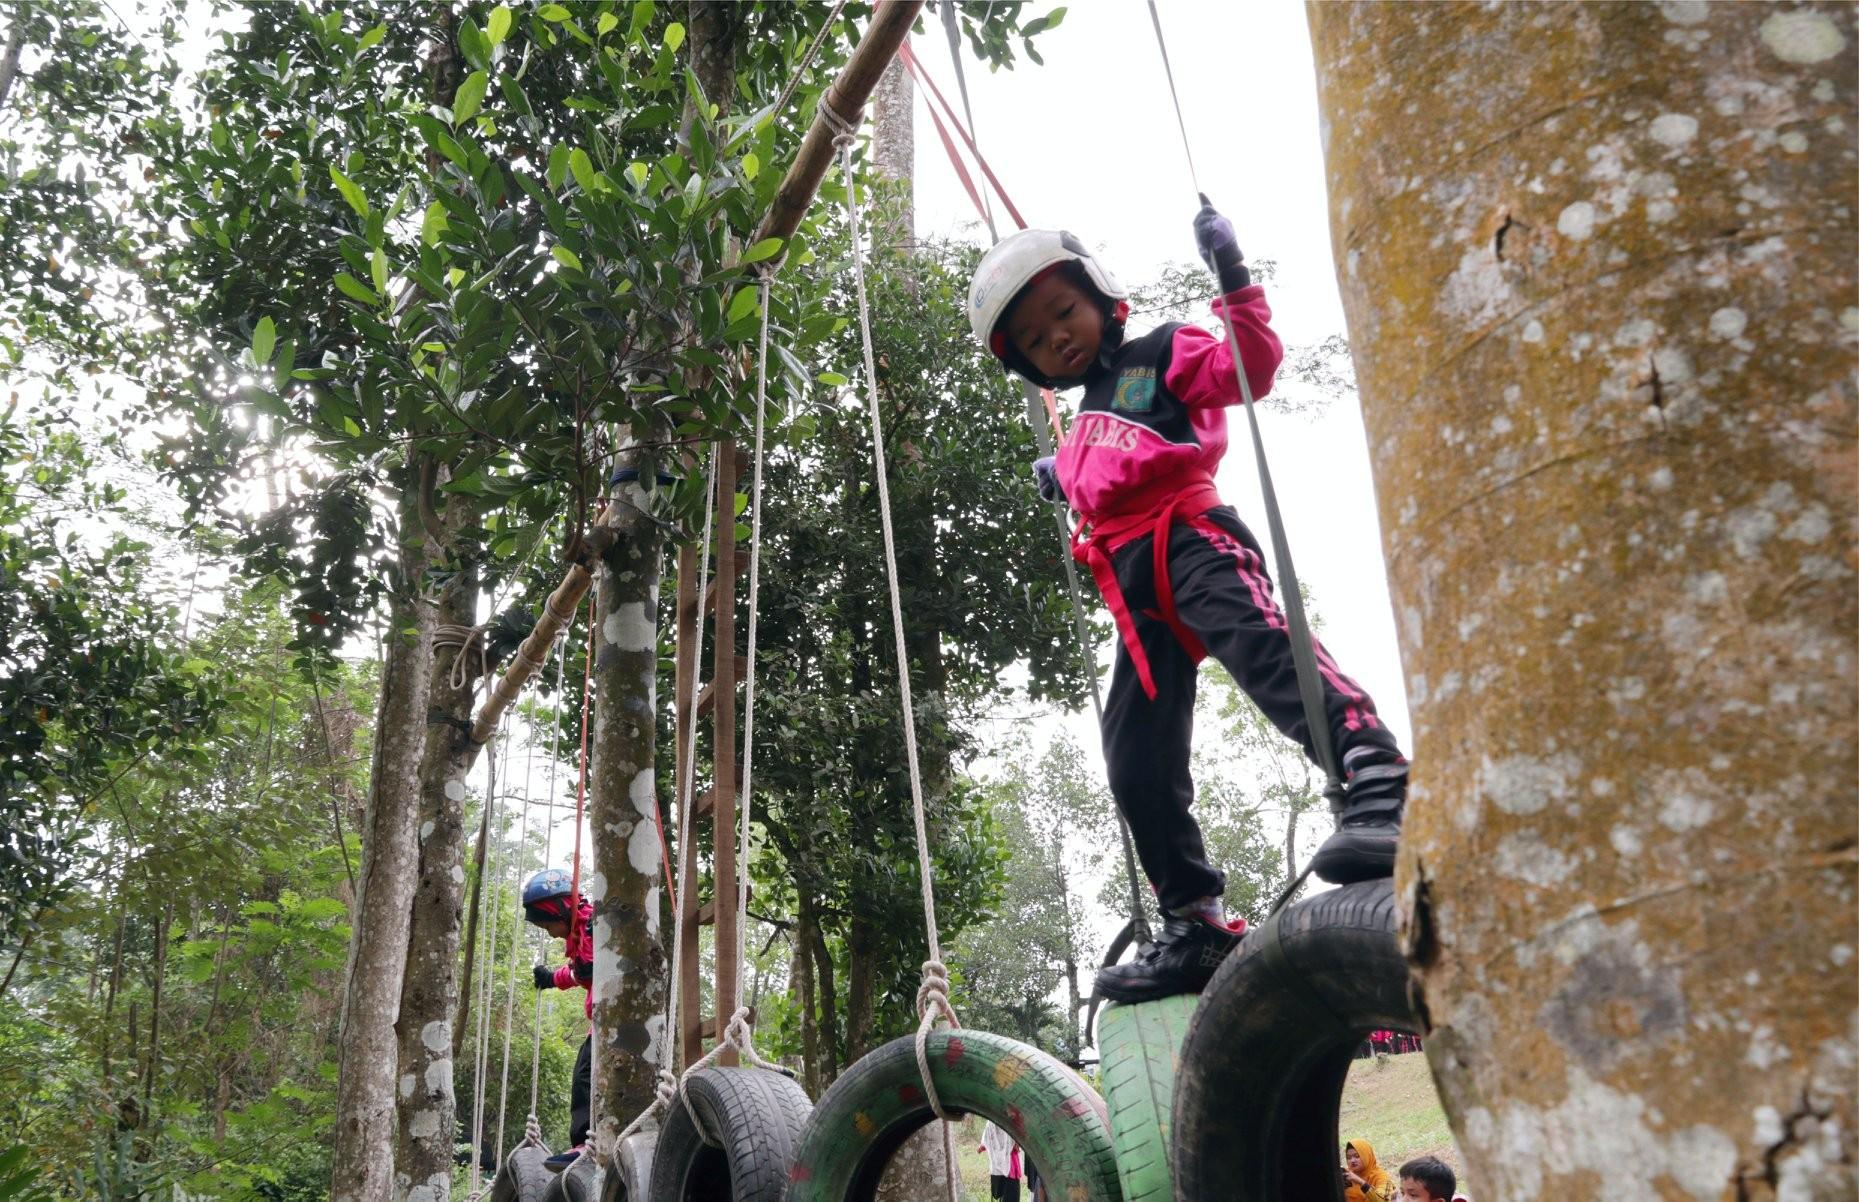 Tingkatkan Kemandirian dan Keberanian, TK IT YABIS Ajak Siswa-Siswinya Outbound Ceria